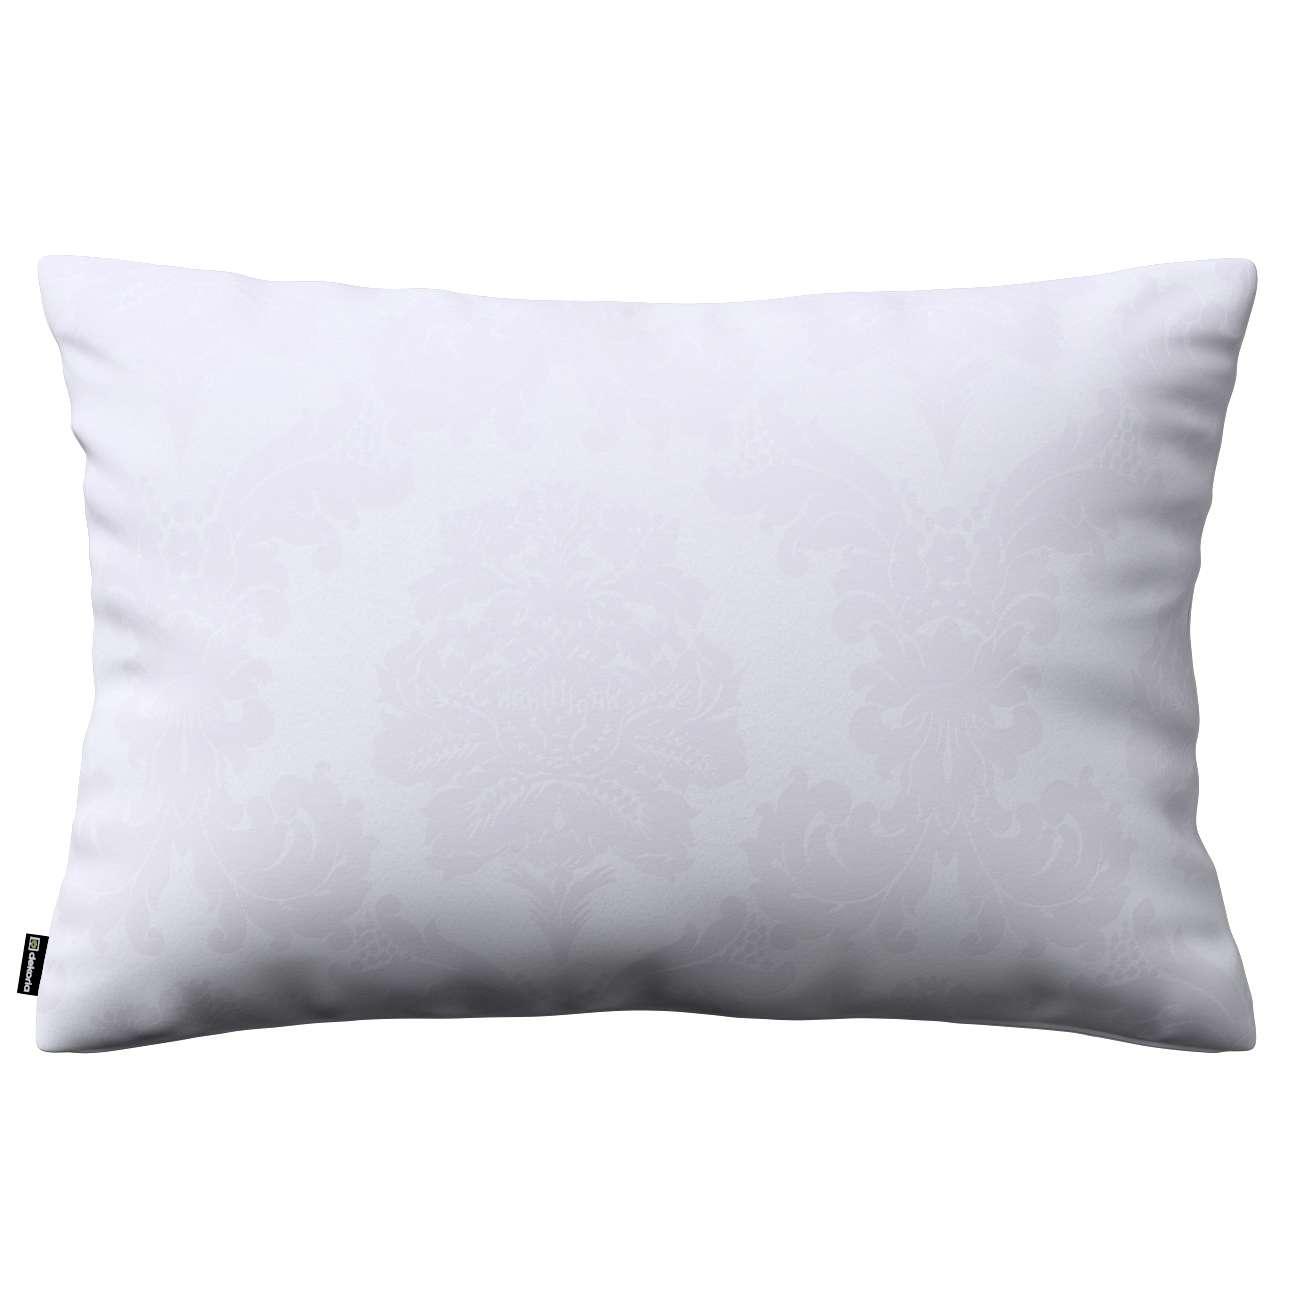 Poszewka Kinga na poduszkę prostokątną w kolekcji Damasco, tkanina: 613-00